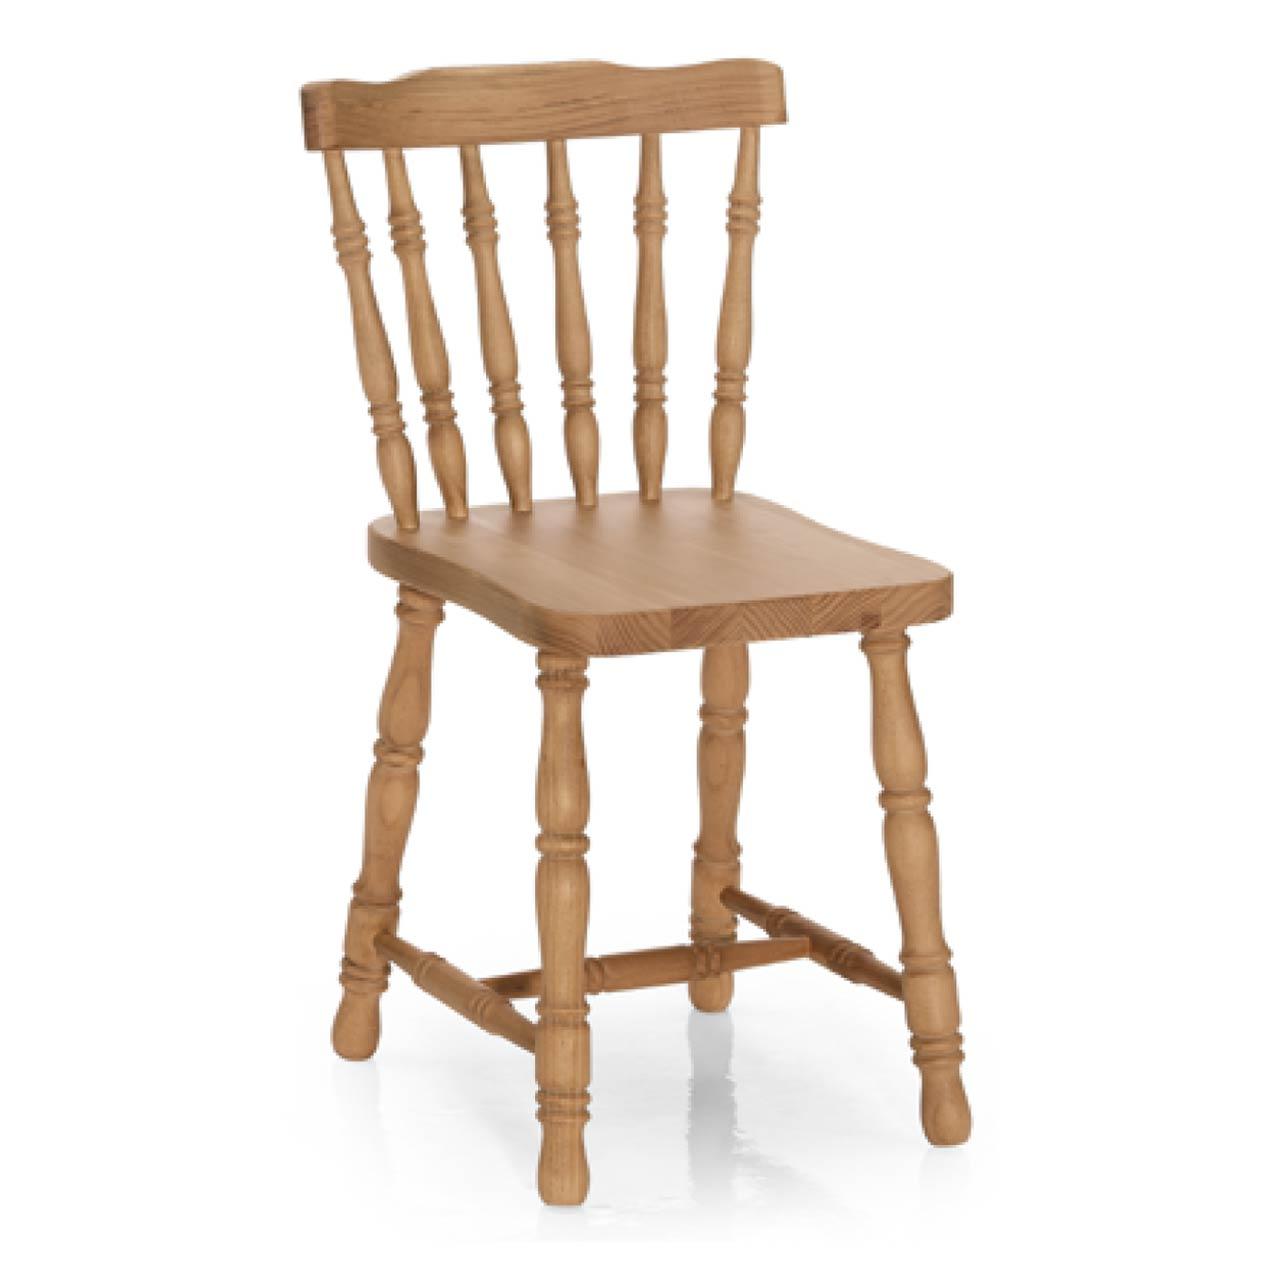 Silla cl sica de madera torneada lamesadecentro for Modelos de sillas clasicas